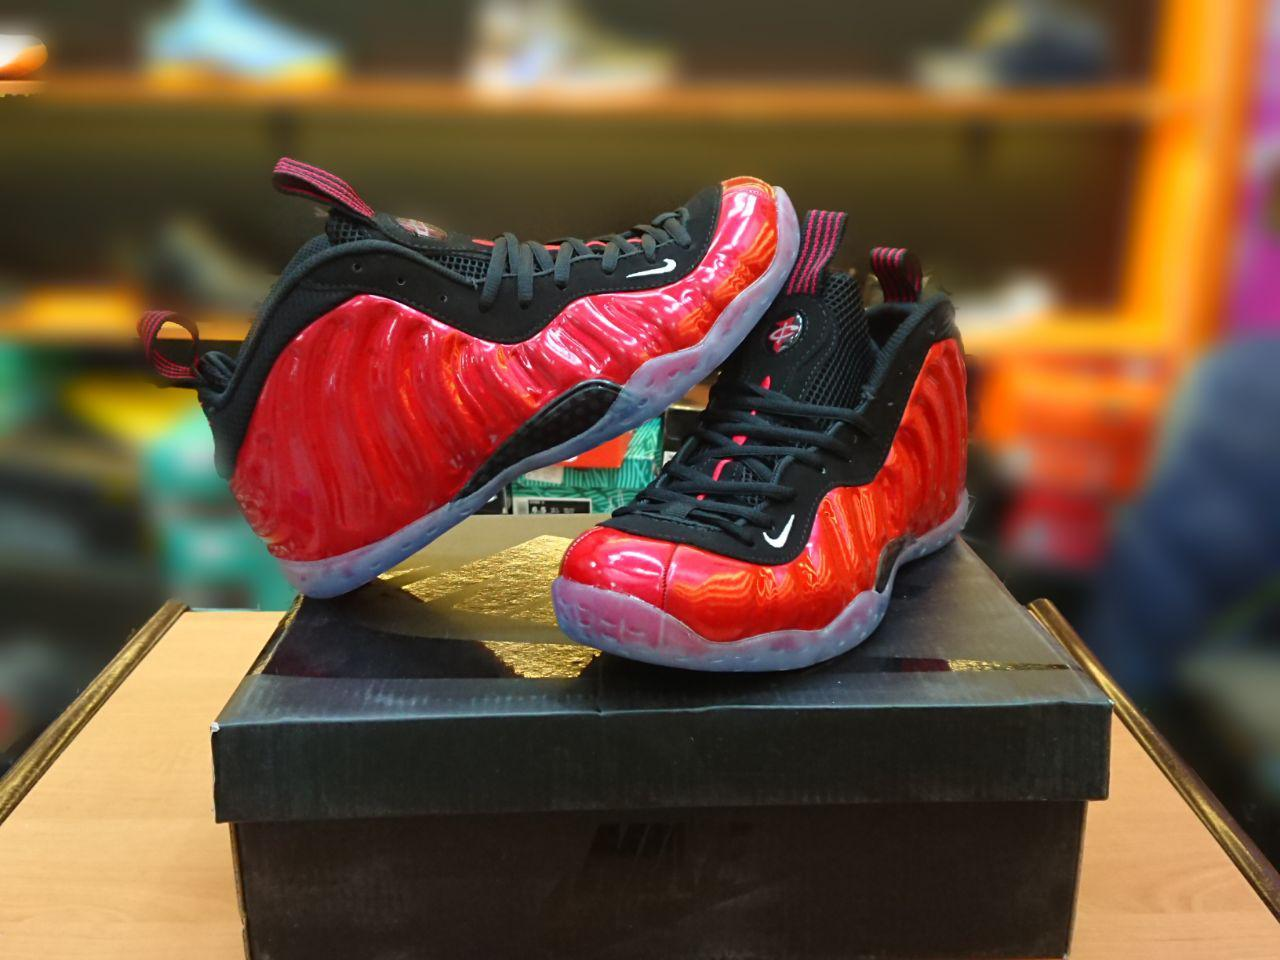 """Баскетбольные кроссовки Nike Foamposite One Pro """"Red"""" размер 45 в наличии"""